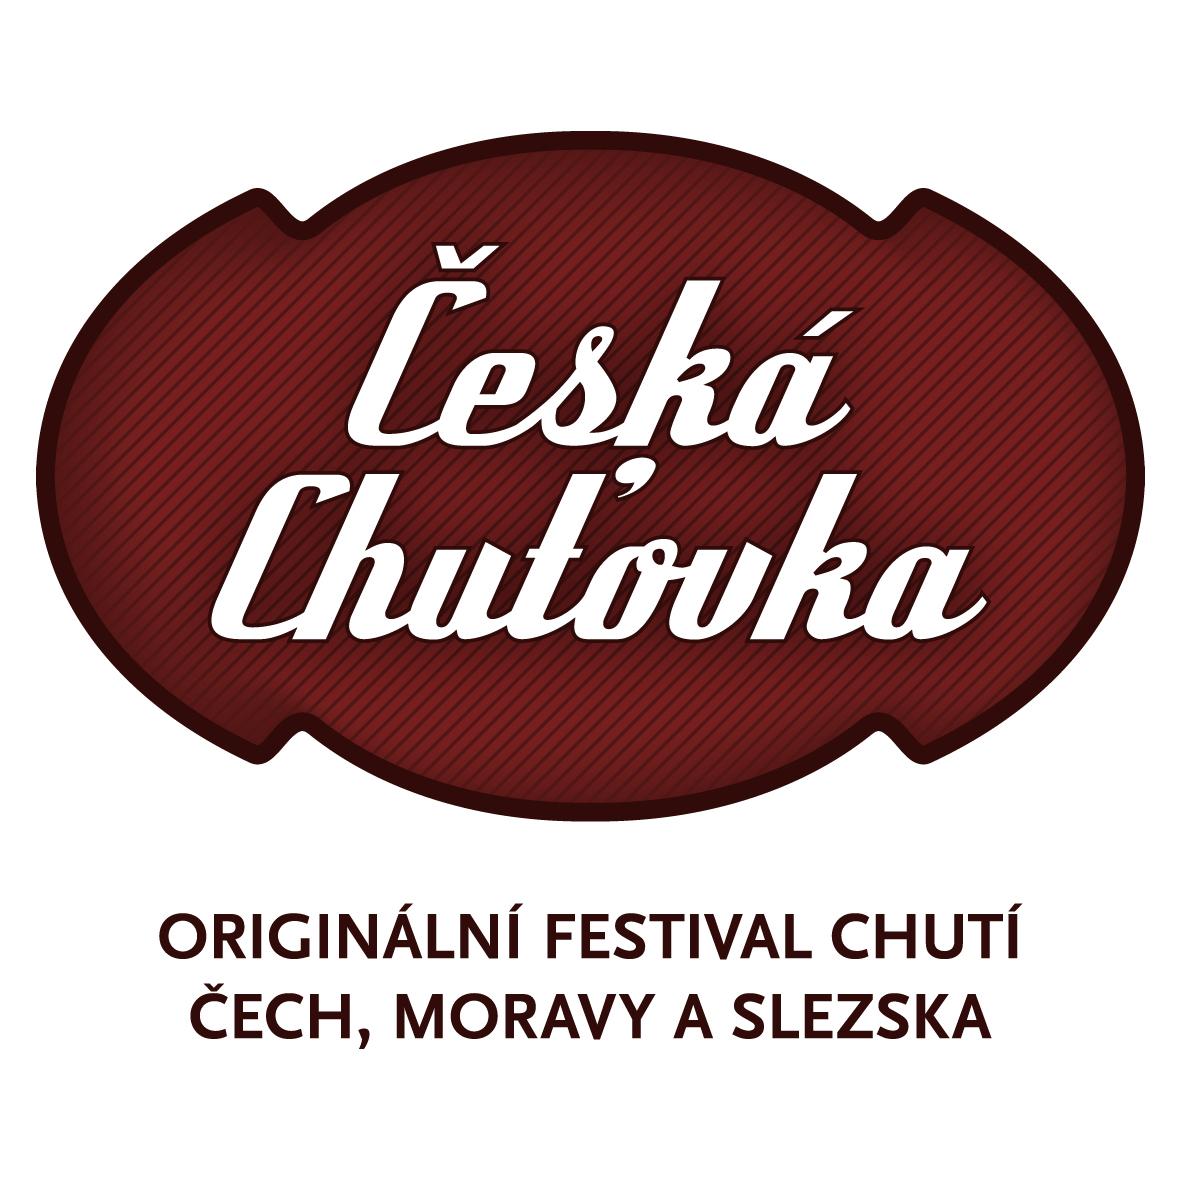 http://primator.cz/wp-content/uploads/2018/03/ČeskáChuťovka_LOGO.jpg